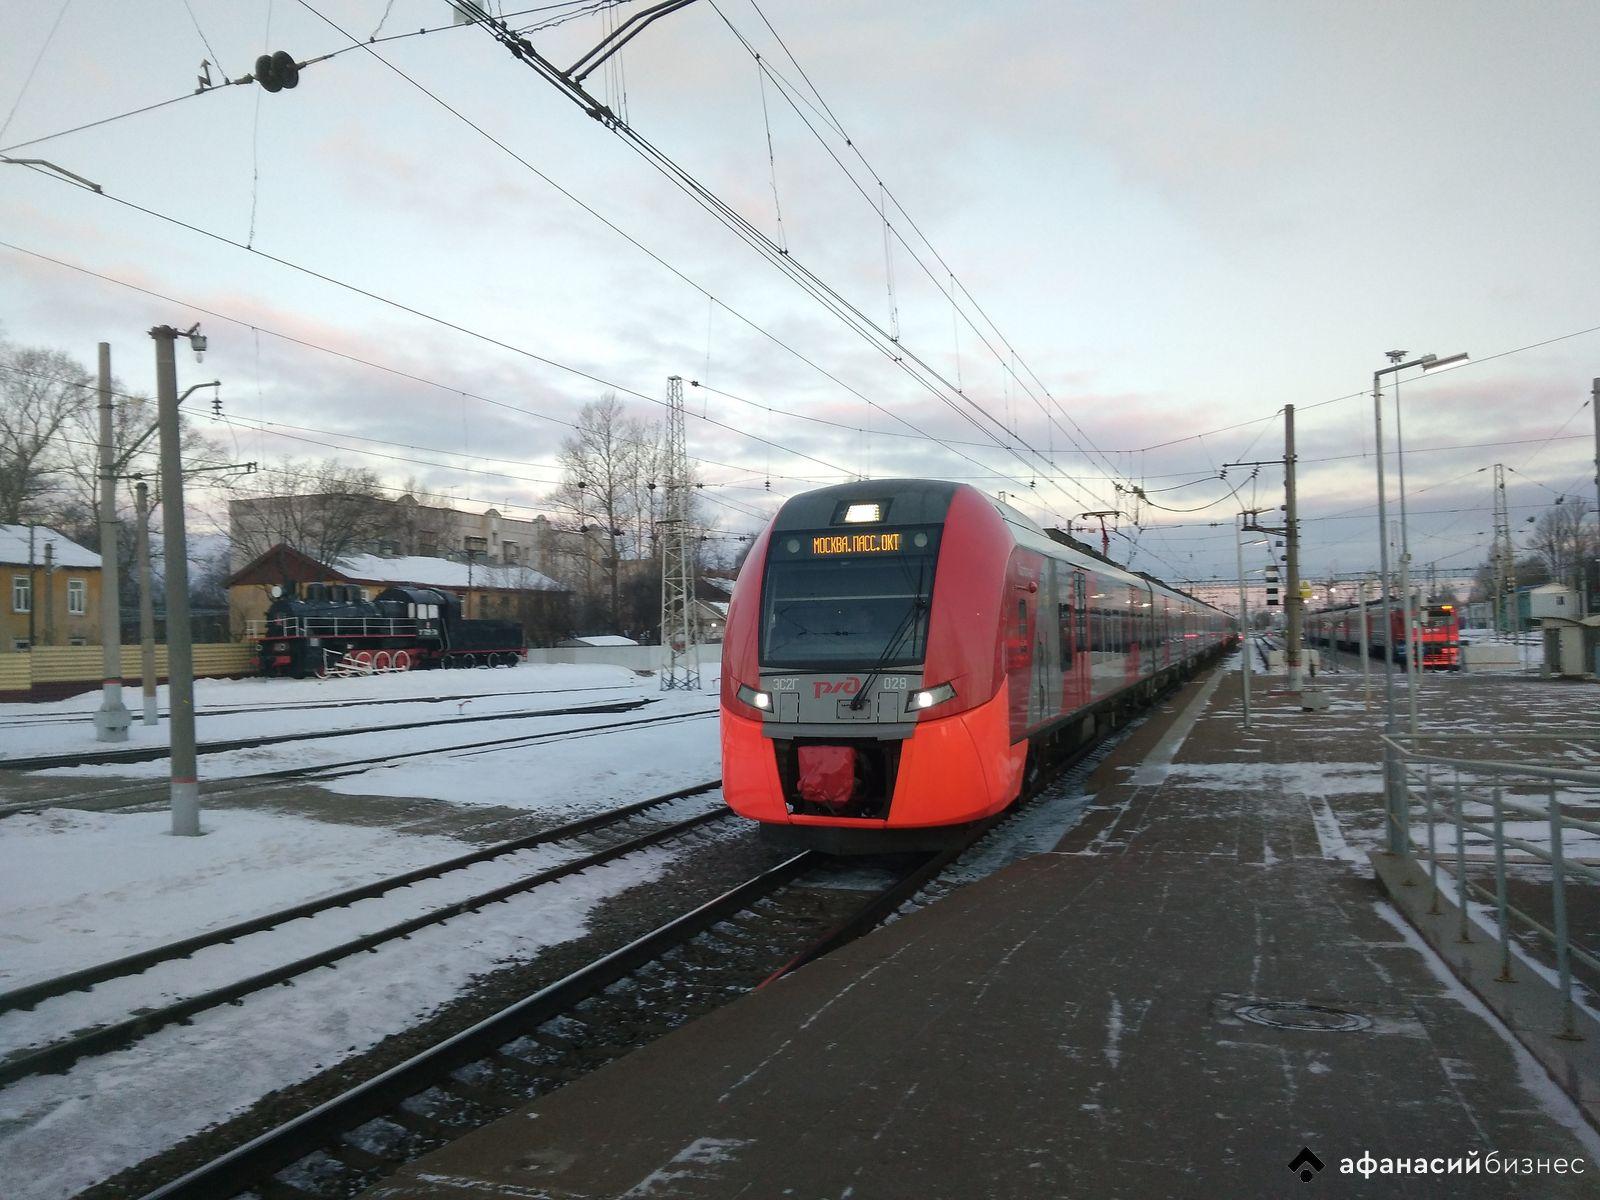 Троих молодых людей задержали на вокзале Твери за грабеж в электричке - новости Афанасий